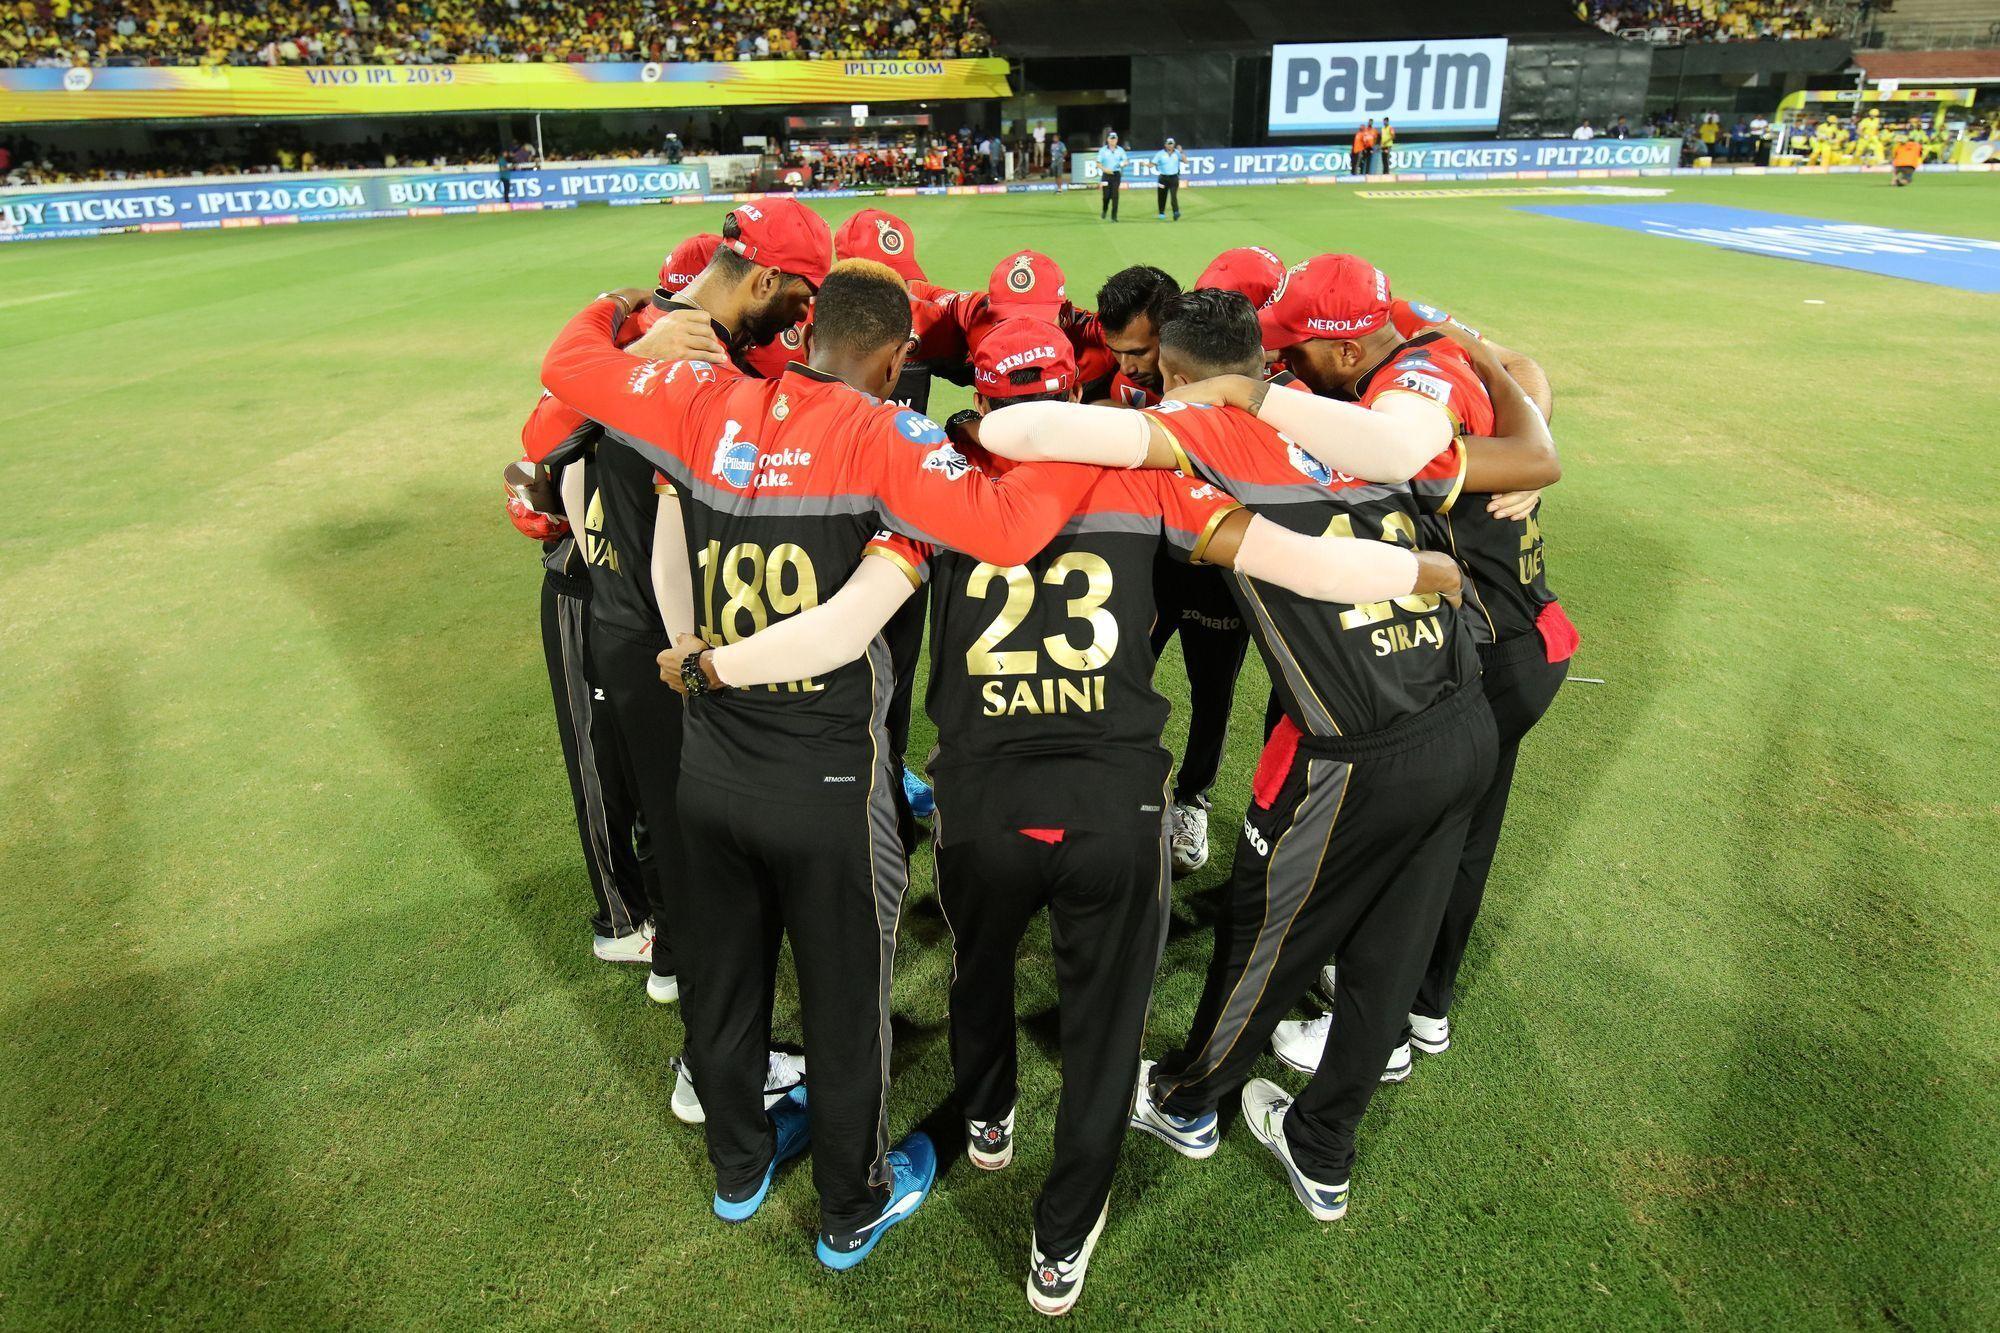 आईपीएल 2019: 3 बदलाव जिसे करने के बाद जीत की राह पकड़ सकती है विराट कोहली की आरसीबी 40